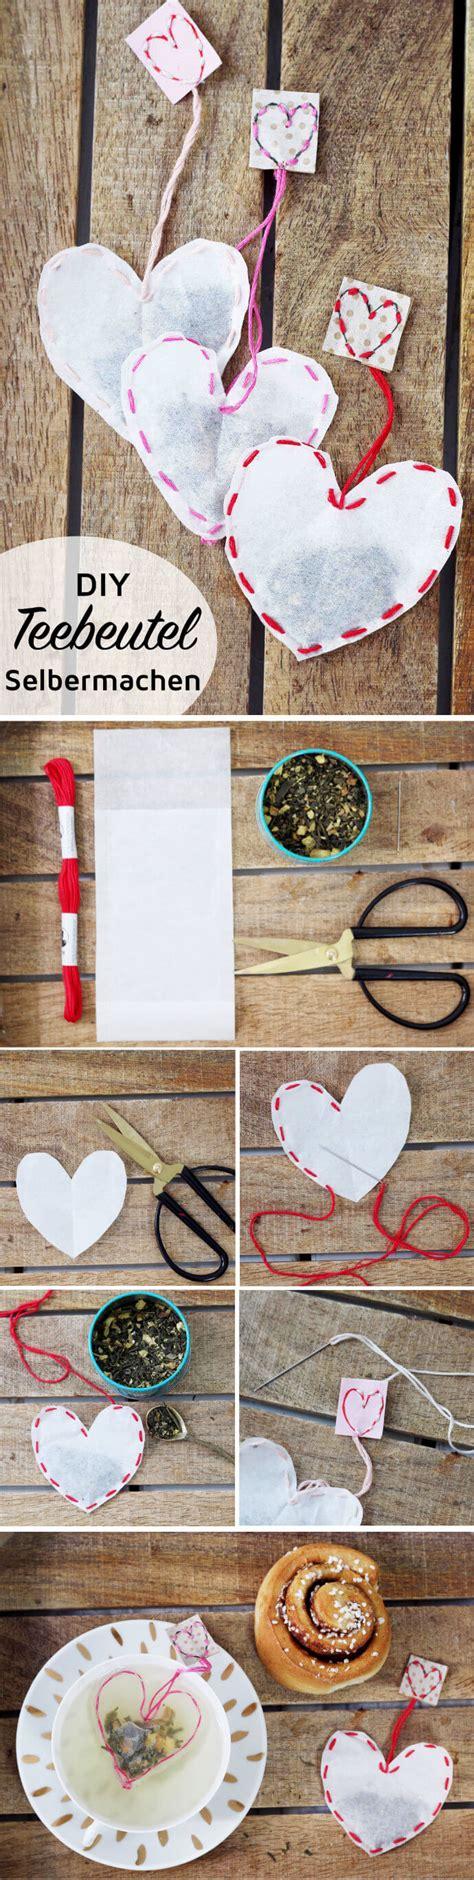 kreative weihnachtsgeschenke selber machen teebeutel selber machen kreative diy geschenkidee